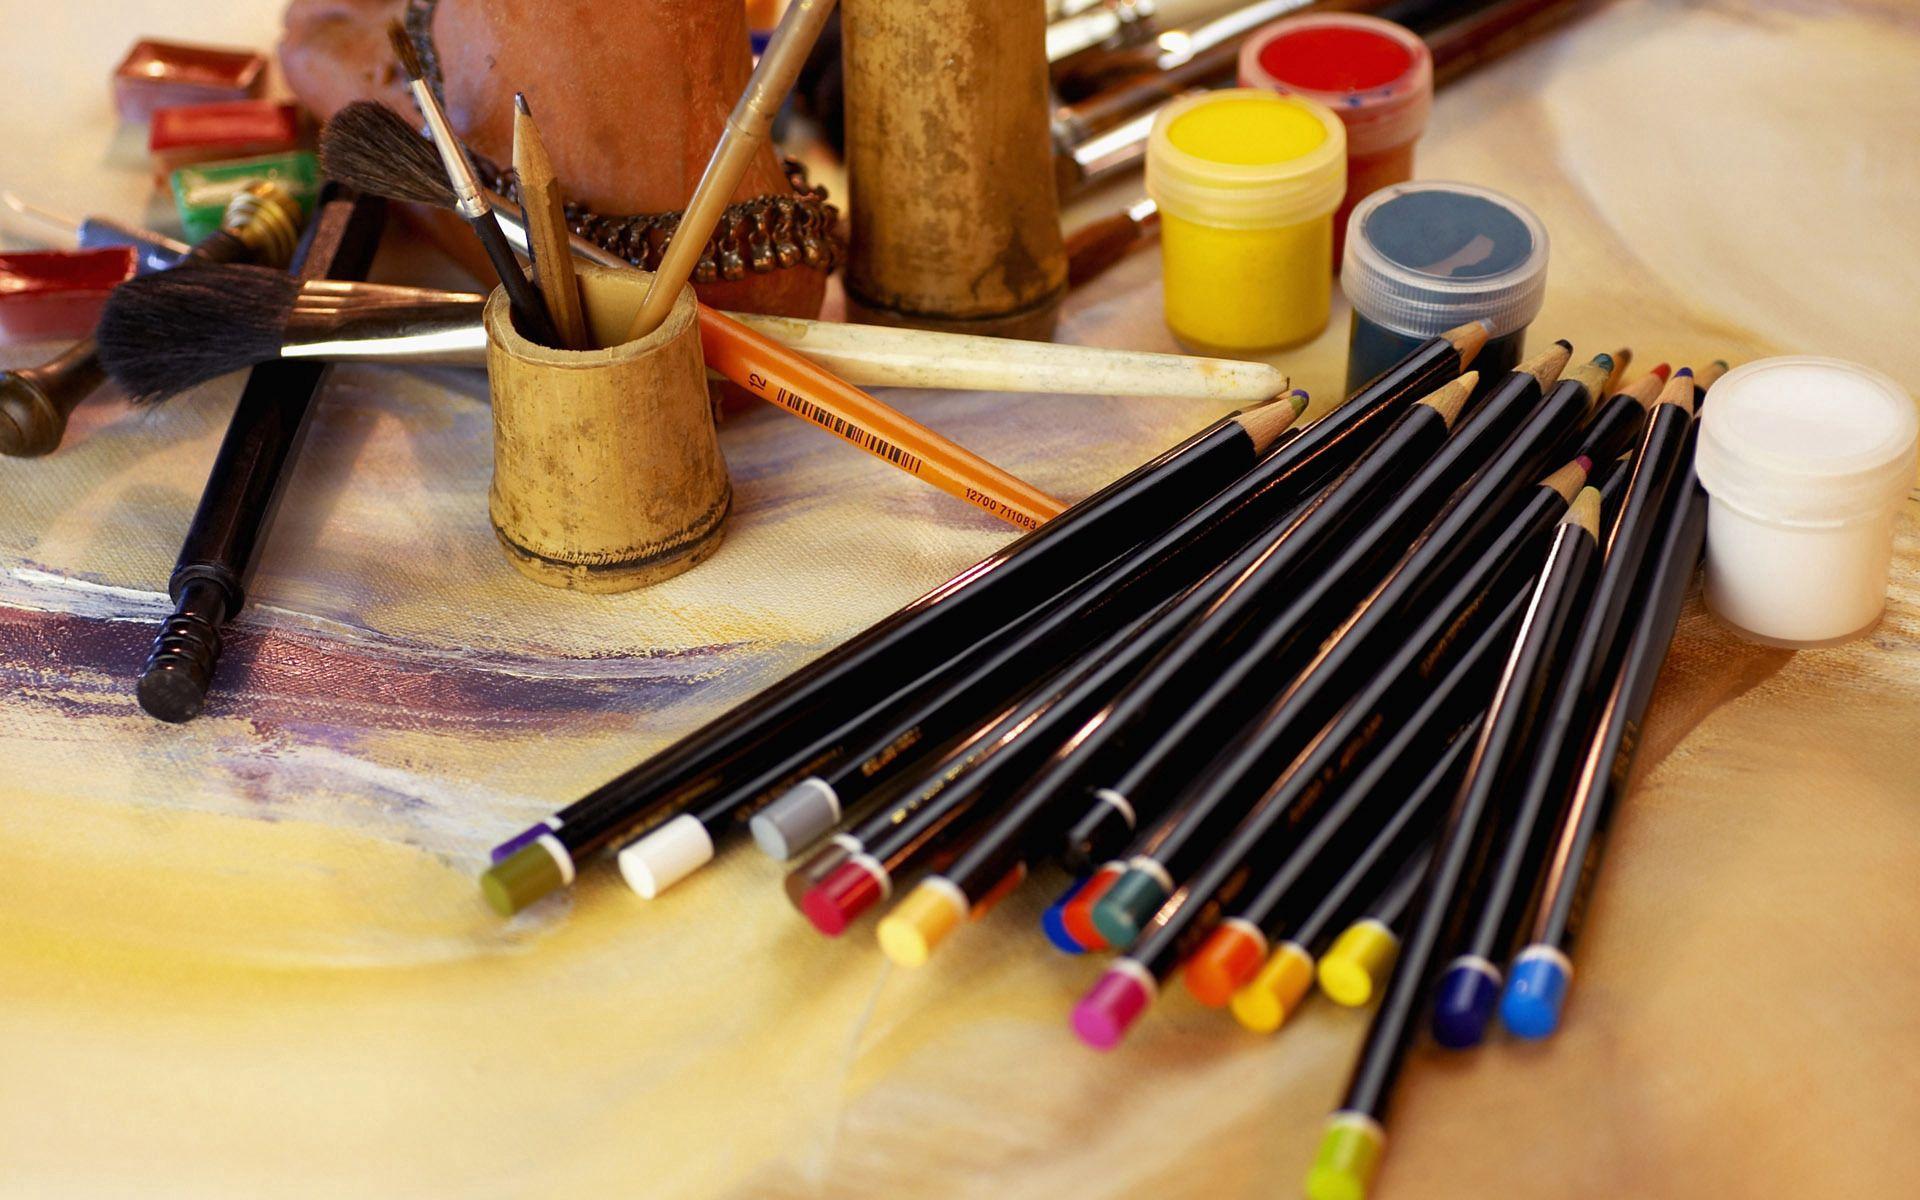 140442 Hintergrundbild herunterladen Künstler, Verschiedenes, Sonstige, Tisch, Tabelle, Die Stifte, Bleistifte, Einstellen, Festgelegt - Bildschirmschoner und Bilder kostenlos